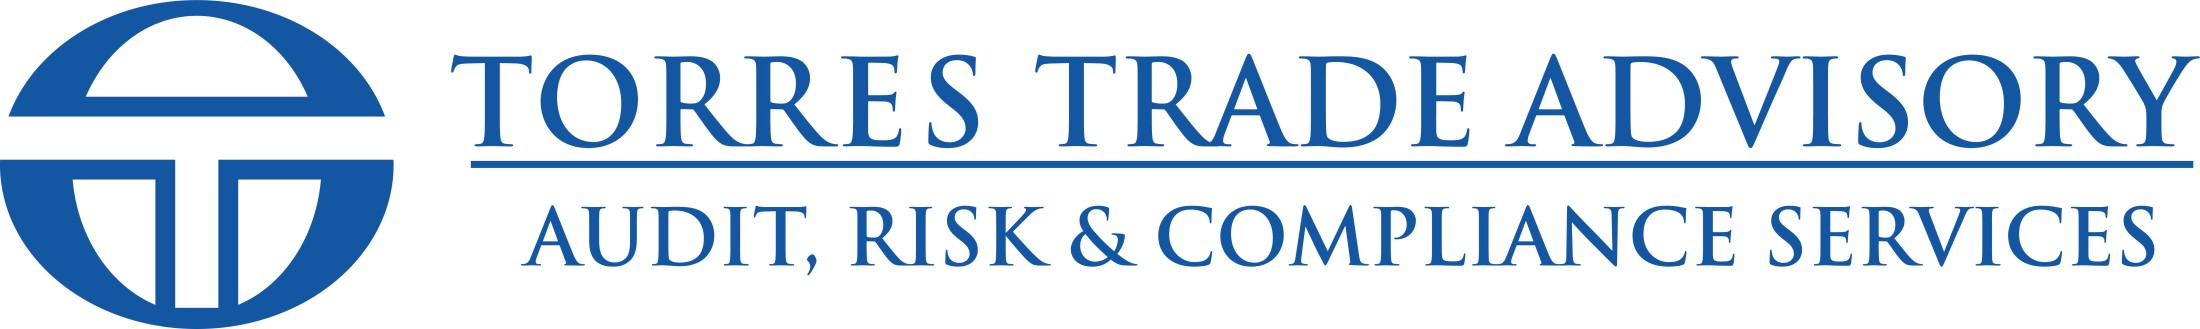 Torres Trade Advisory